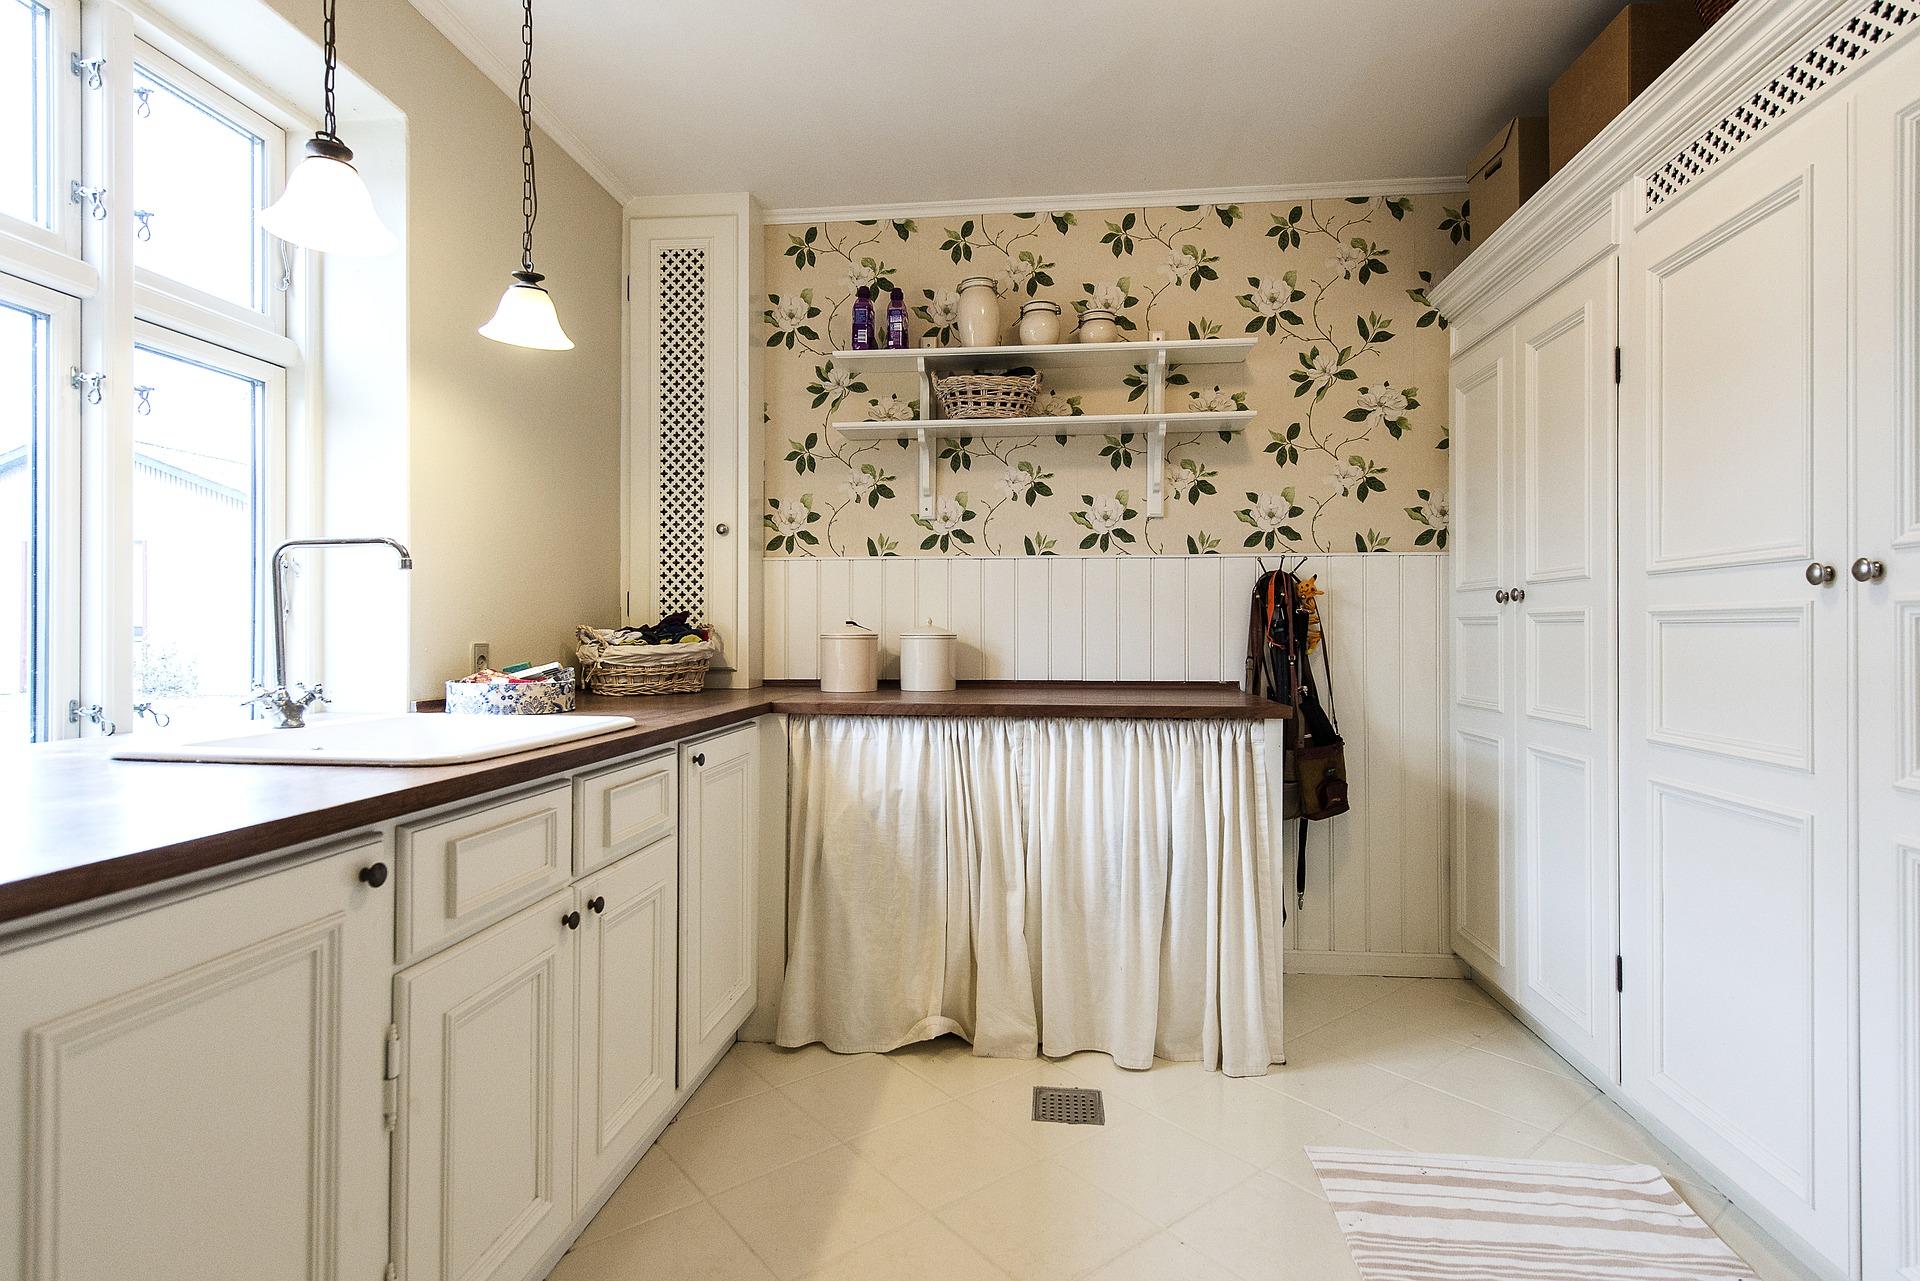 Kuchyně originální tapeta